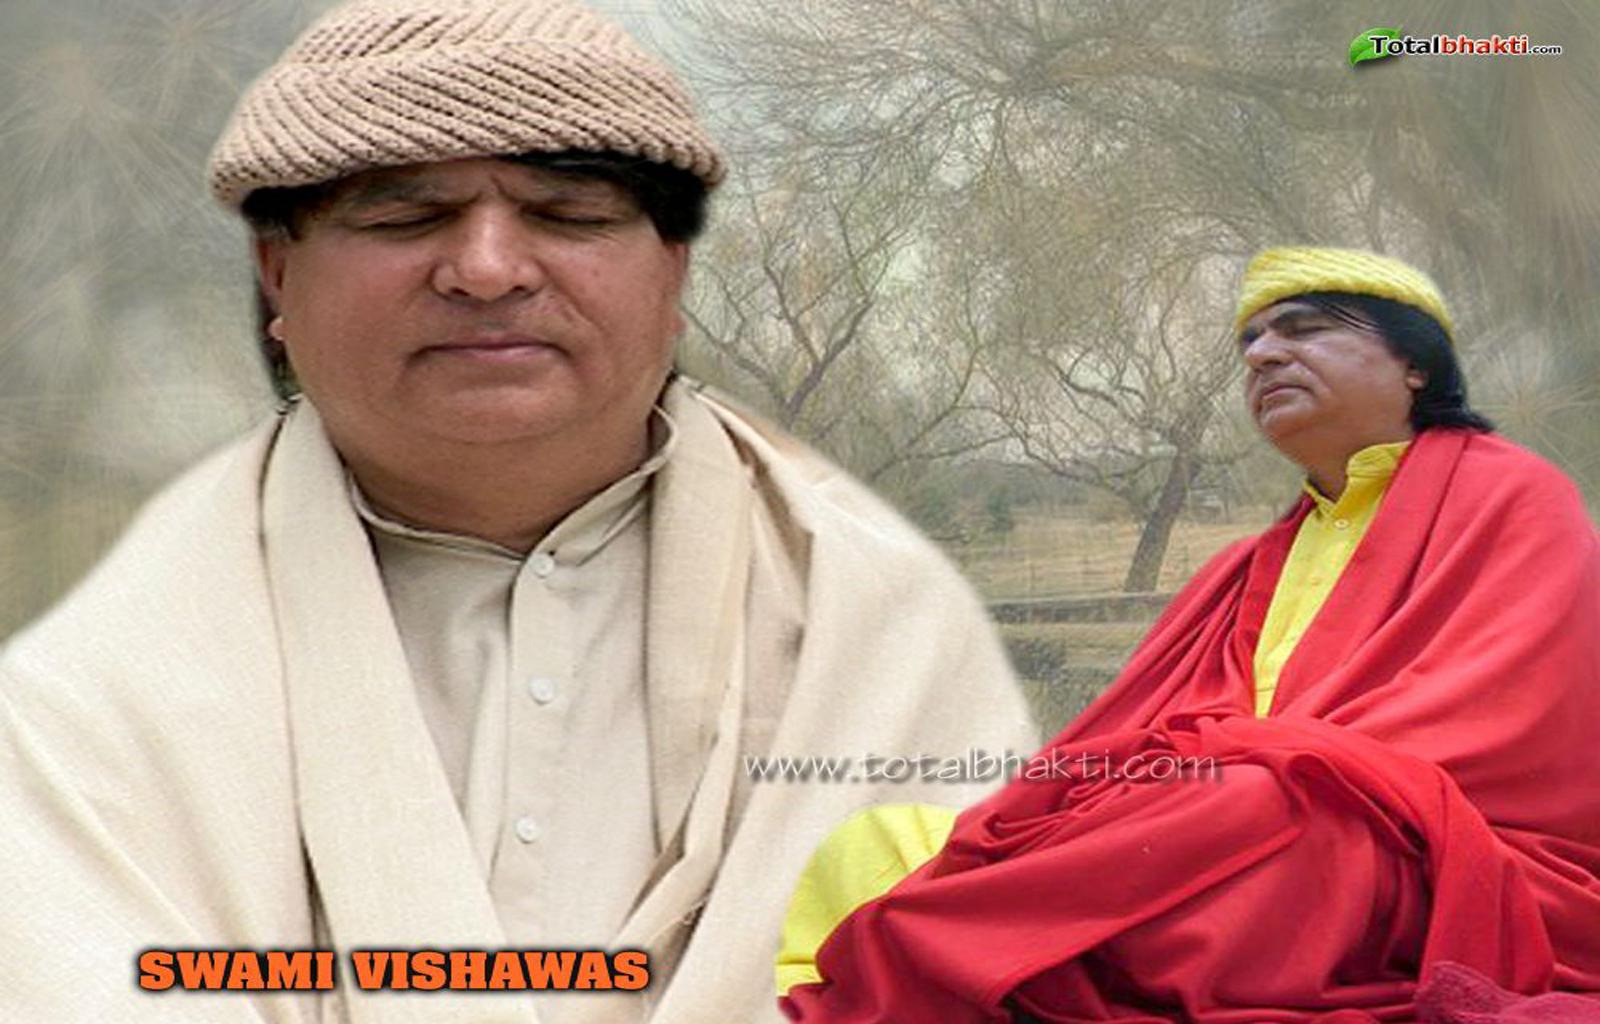 yash posh: Guru Dev Swami Vishvas Ji